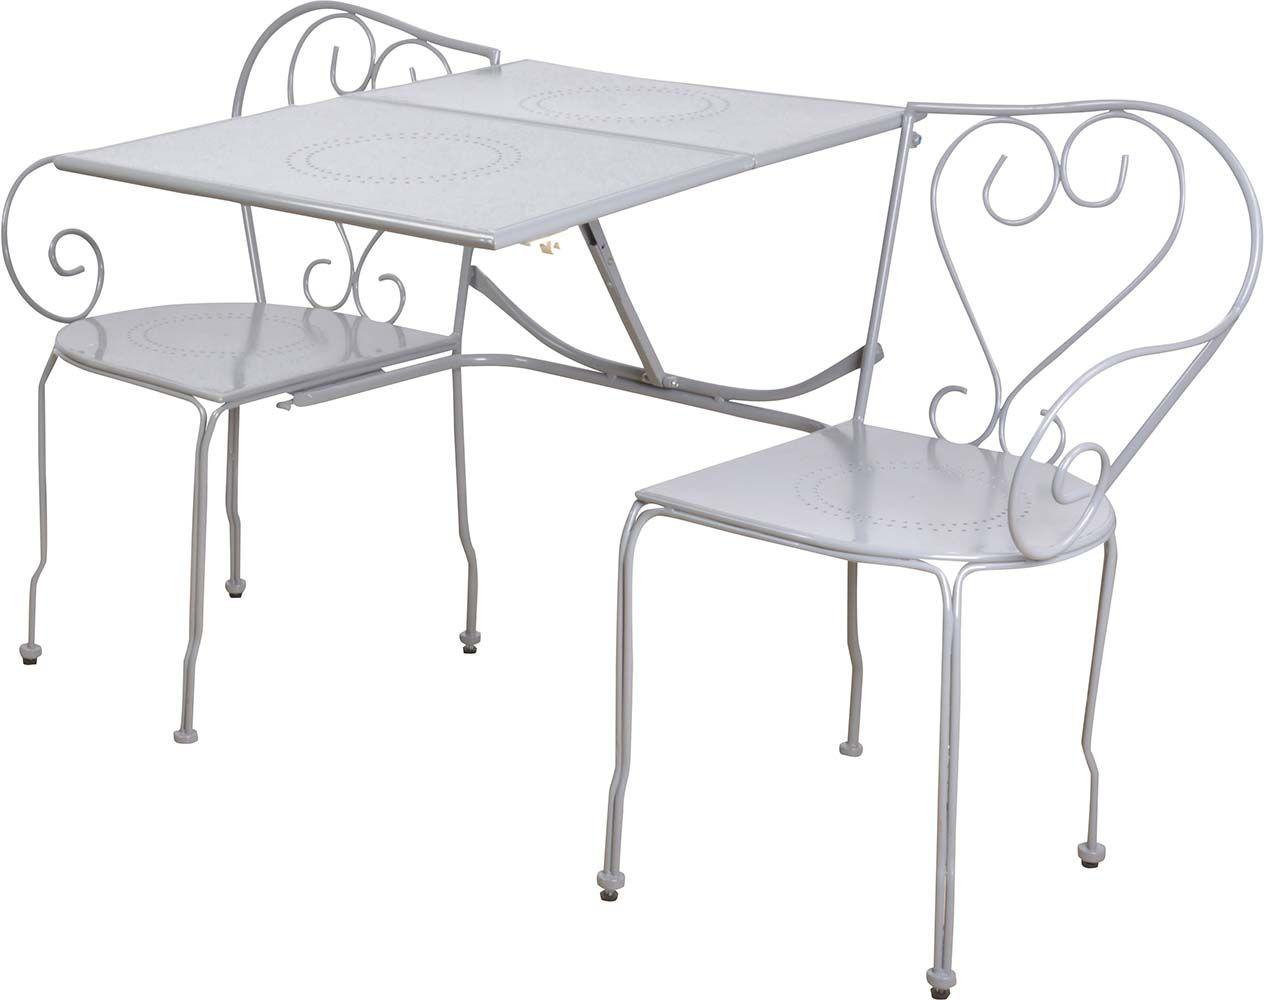 Fauteuil ext rieur spring noir en r sine et acier for Table exterieur transformable